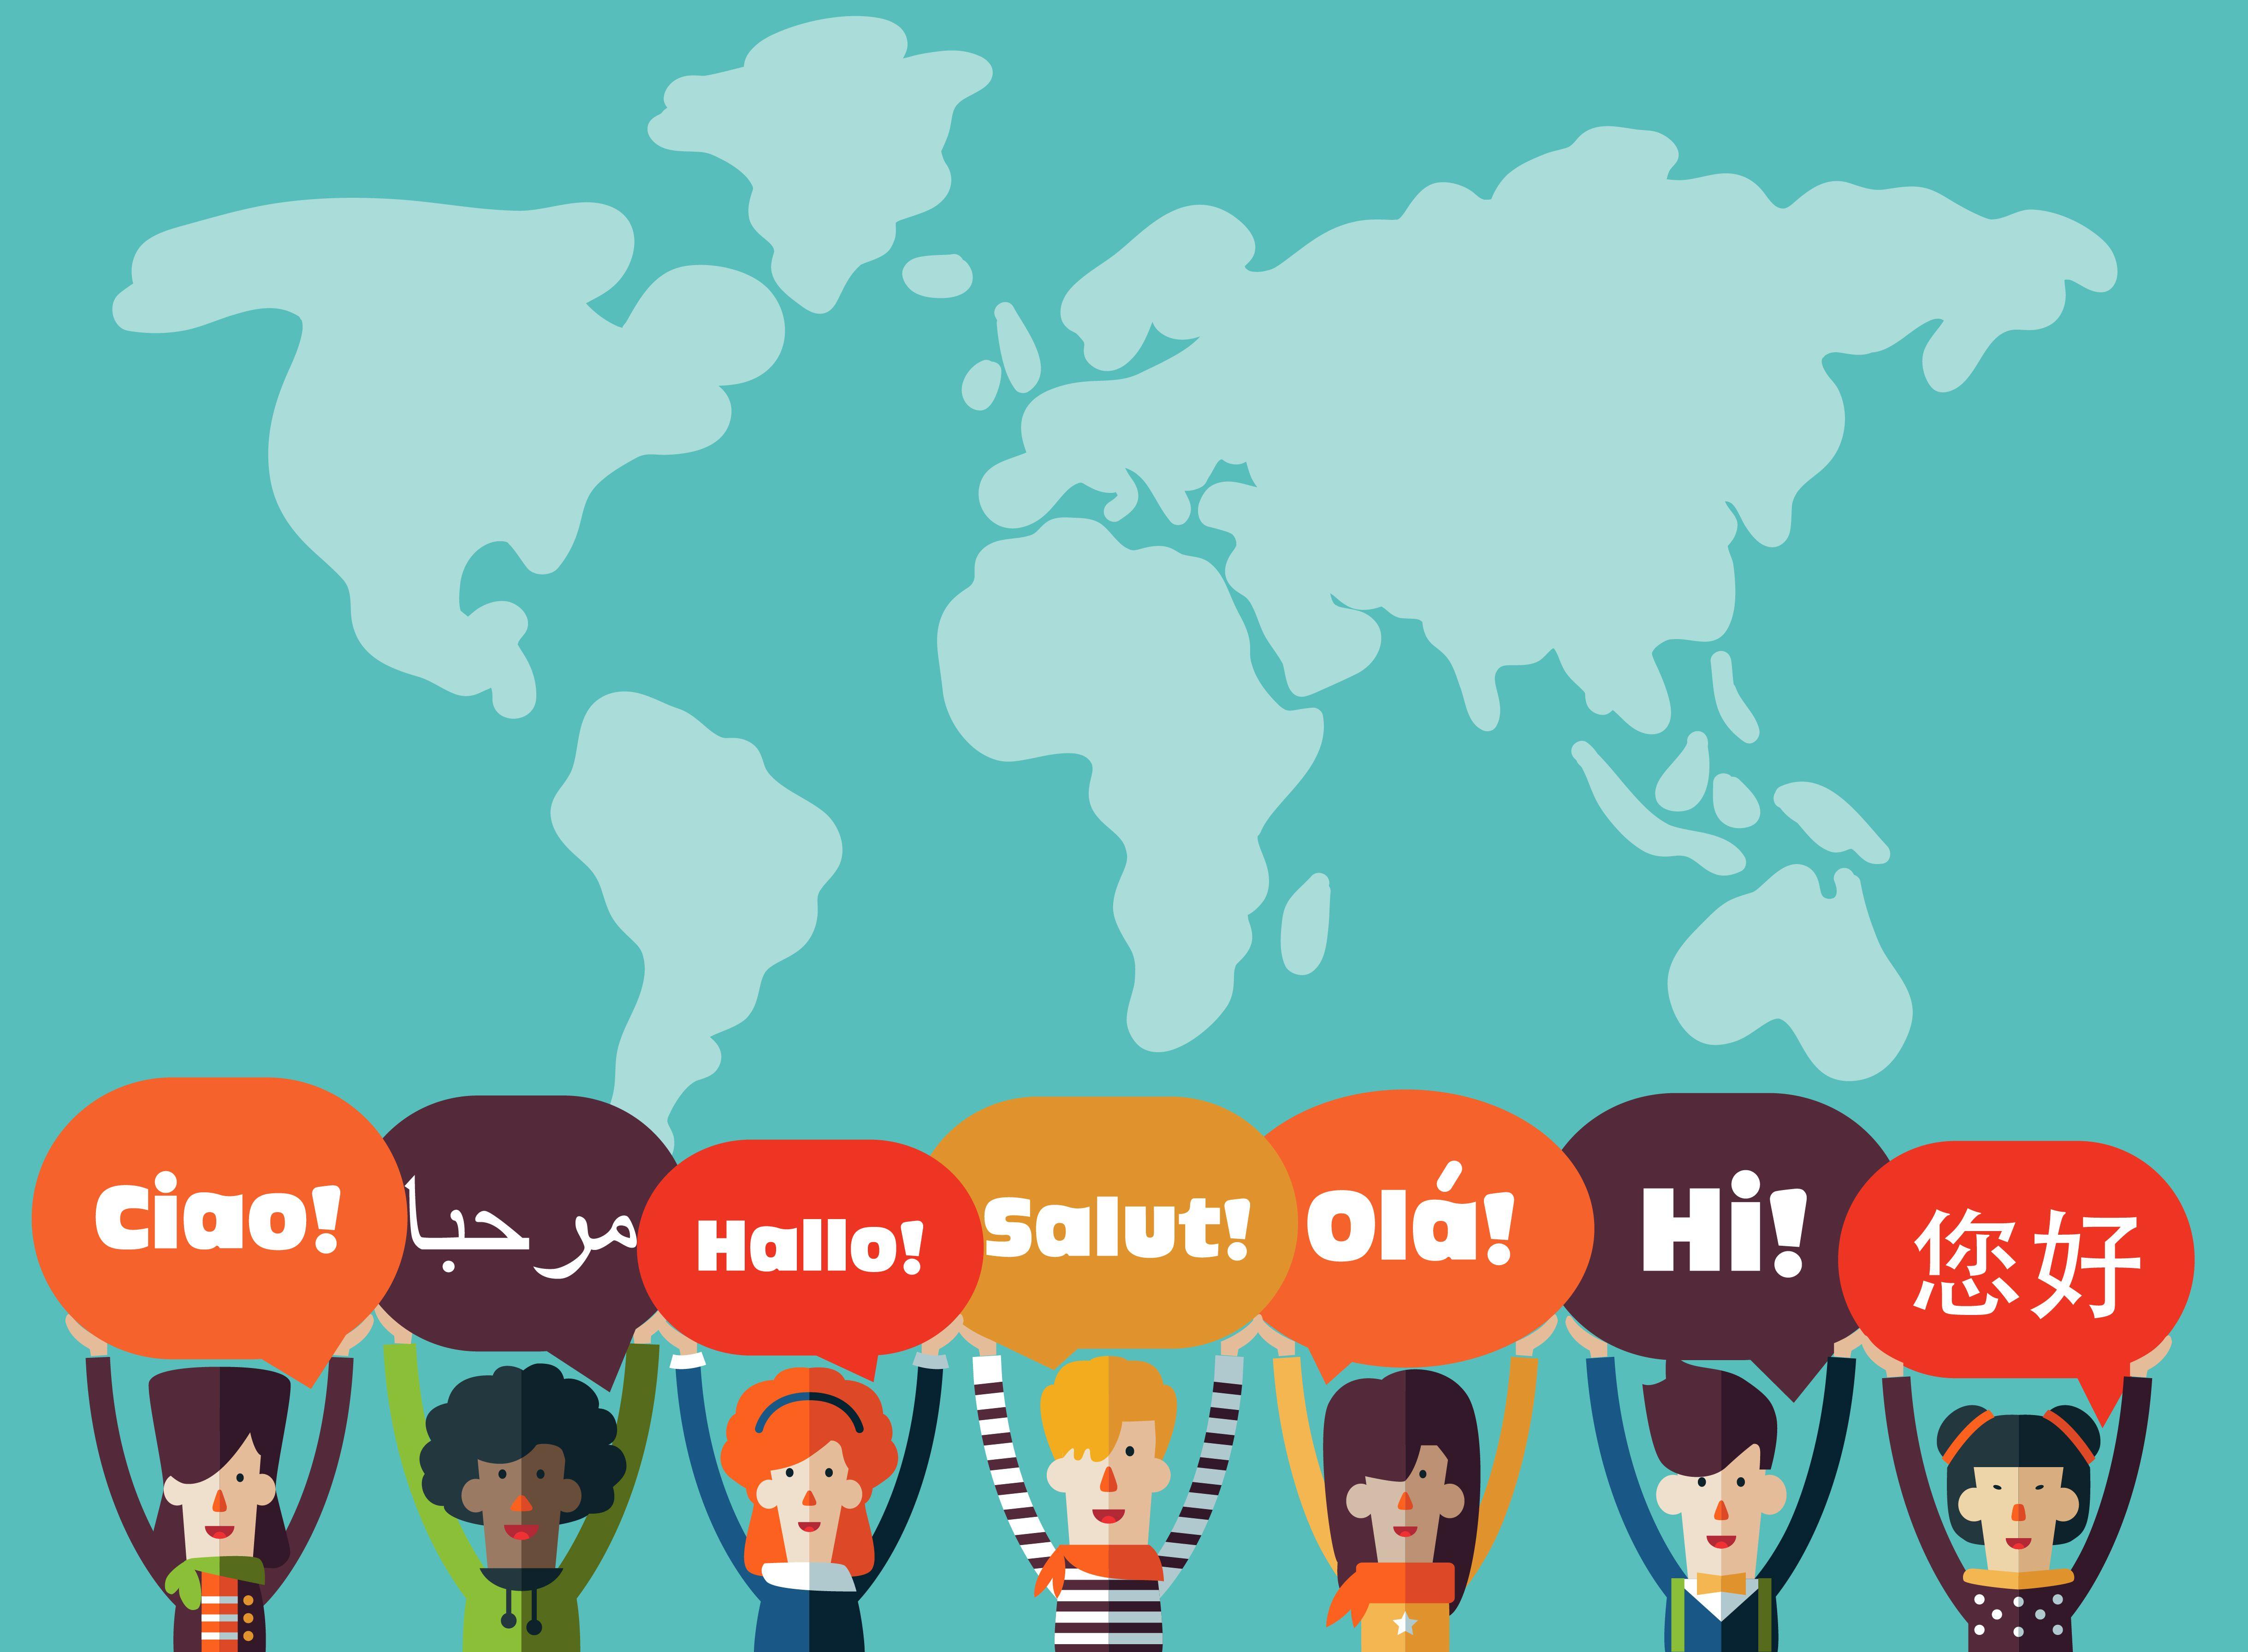 Cómo Decir Hola Y Su Pronunciación En Diferentes Idiomas En Francés Bonjour Bon Zhur En Griego ει Escuela De Idiomas Aprendizaje Comunicacion Efectiva